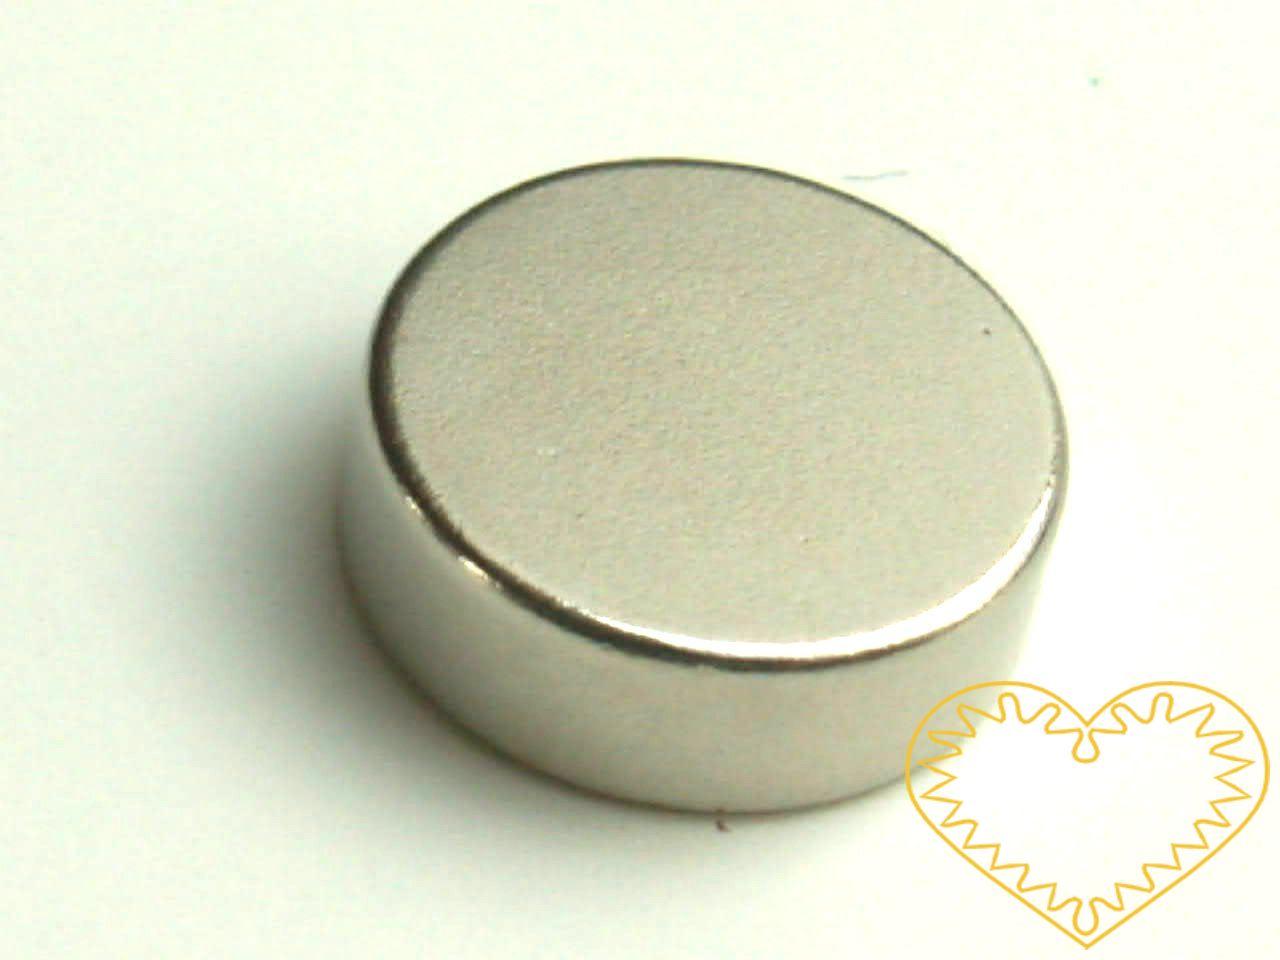 Super silný magnet kulatý Ø 3 cm. Udrží velké zatížení - až 20 listů papíru A4 Vhodné na magnetickou tabuli, nástěnku, flipchart či doma na lednici. Lze je využít jako základ pro tvorbu vlastních originálních magnetů.